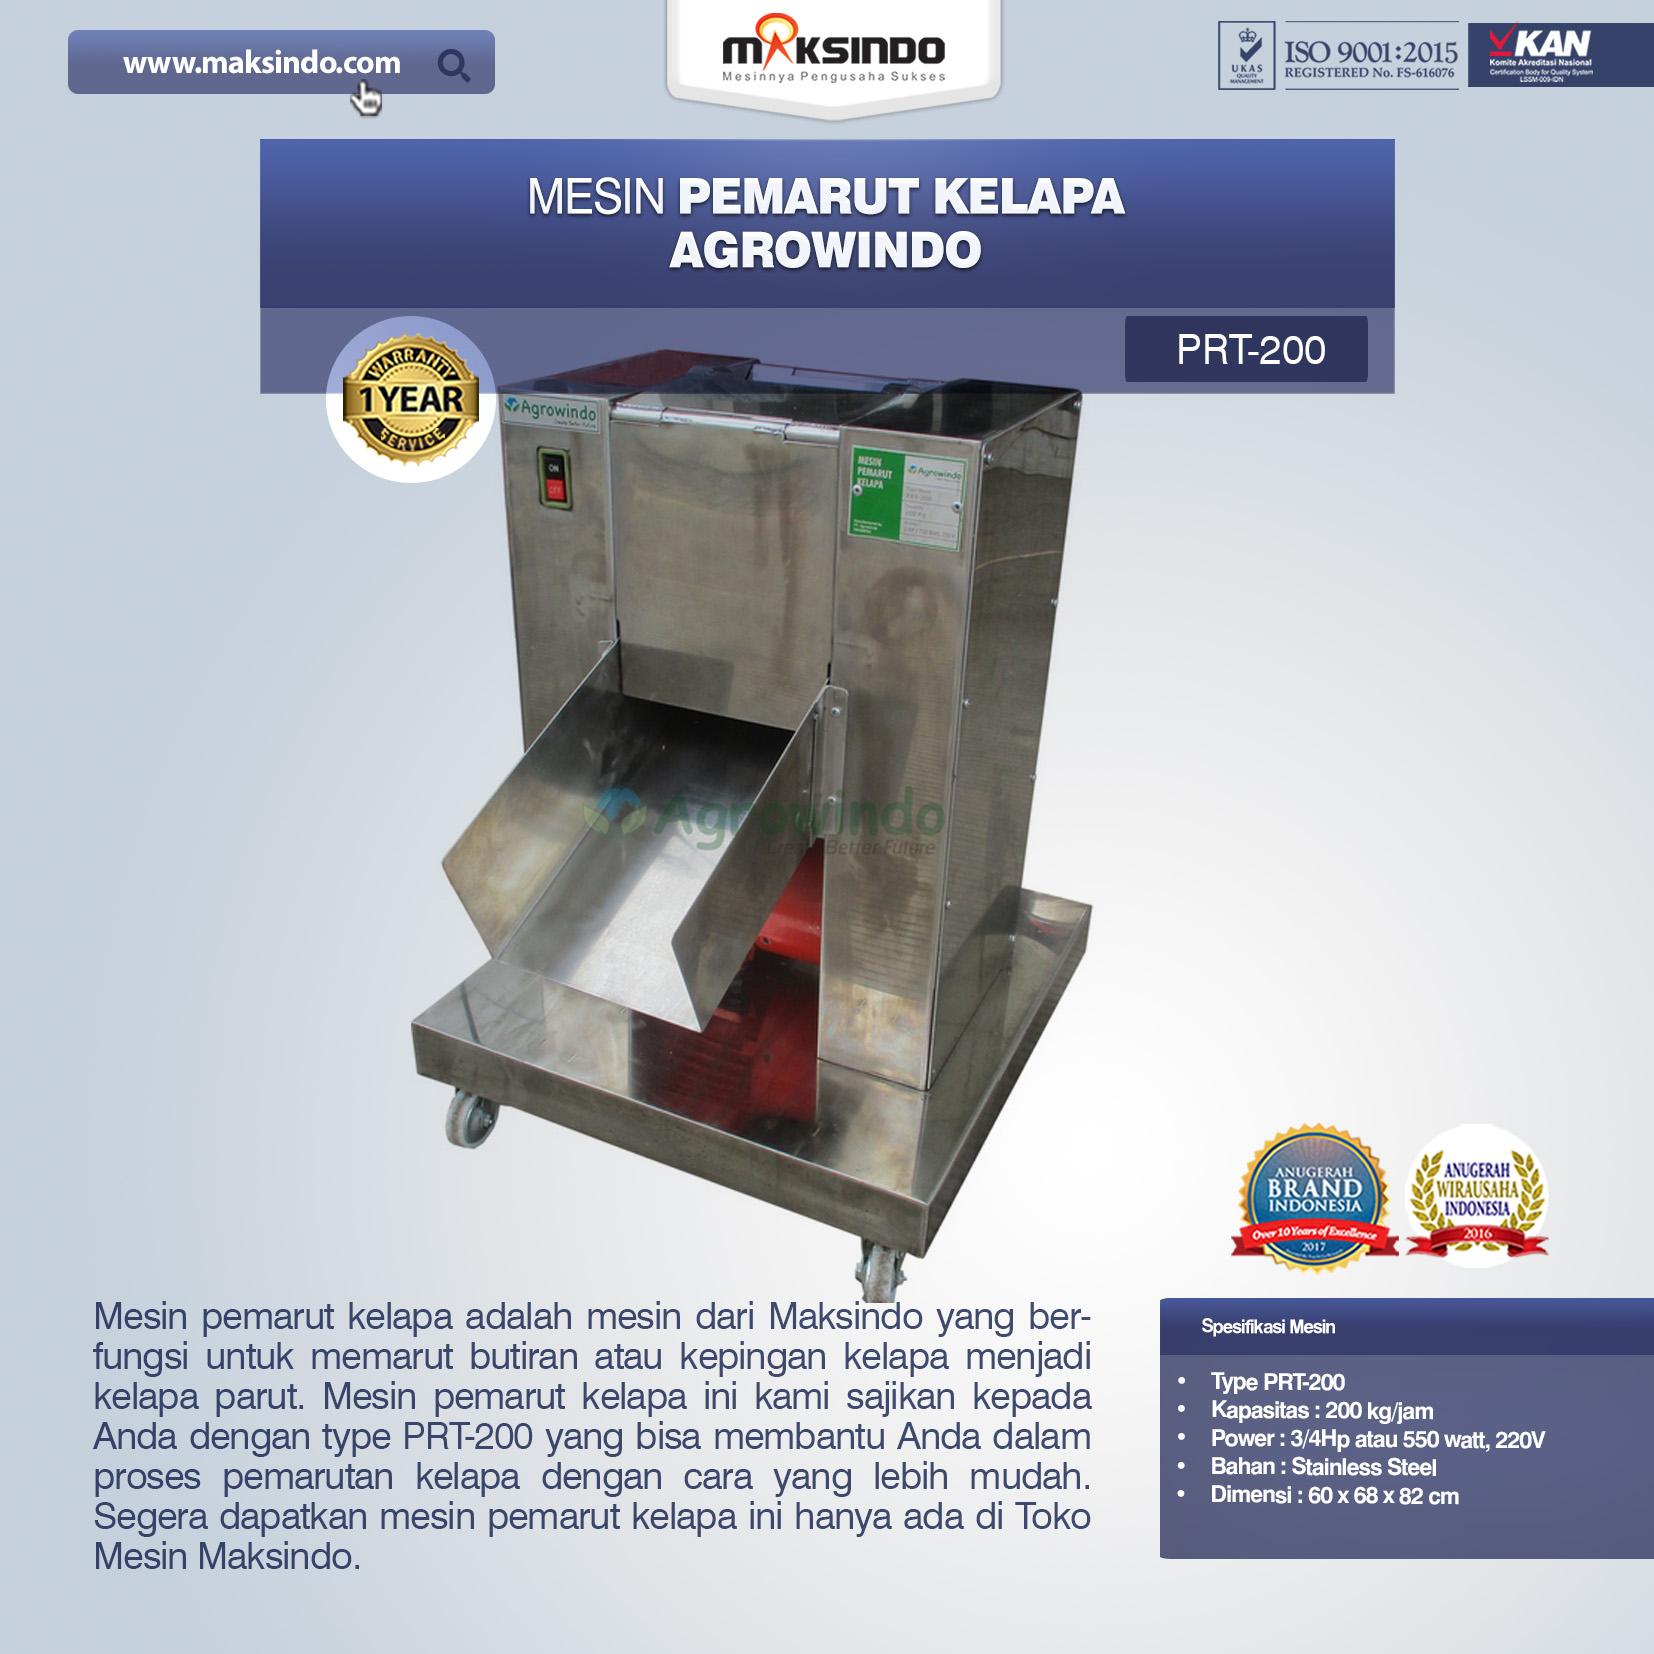 Jual Mesin Pemarut Kelapa PRT-200 di Mataram